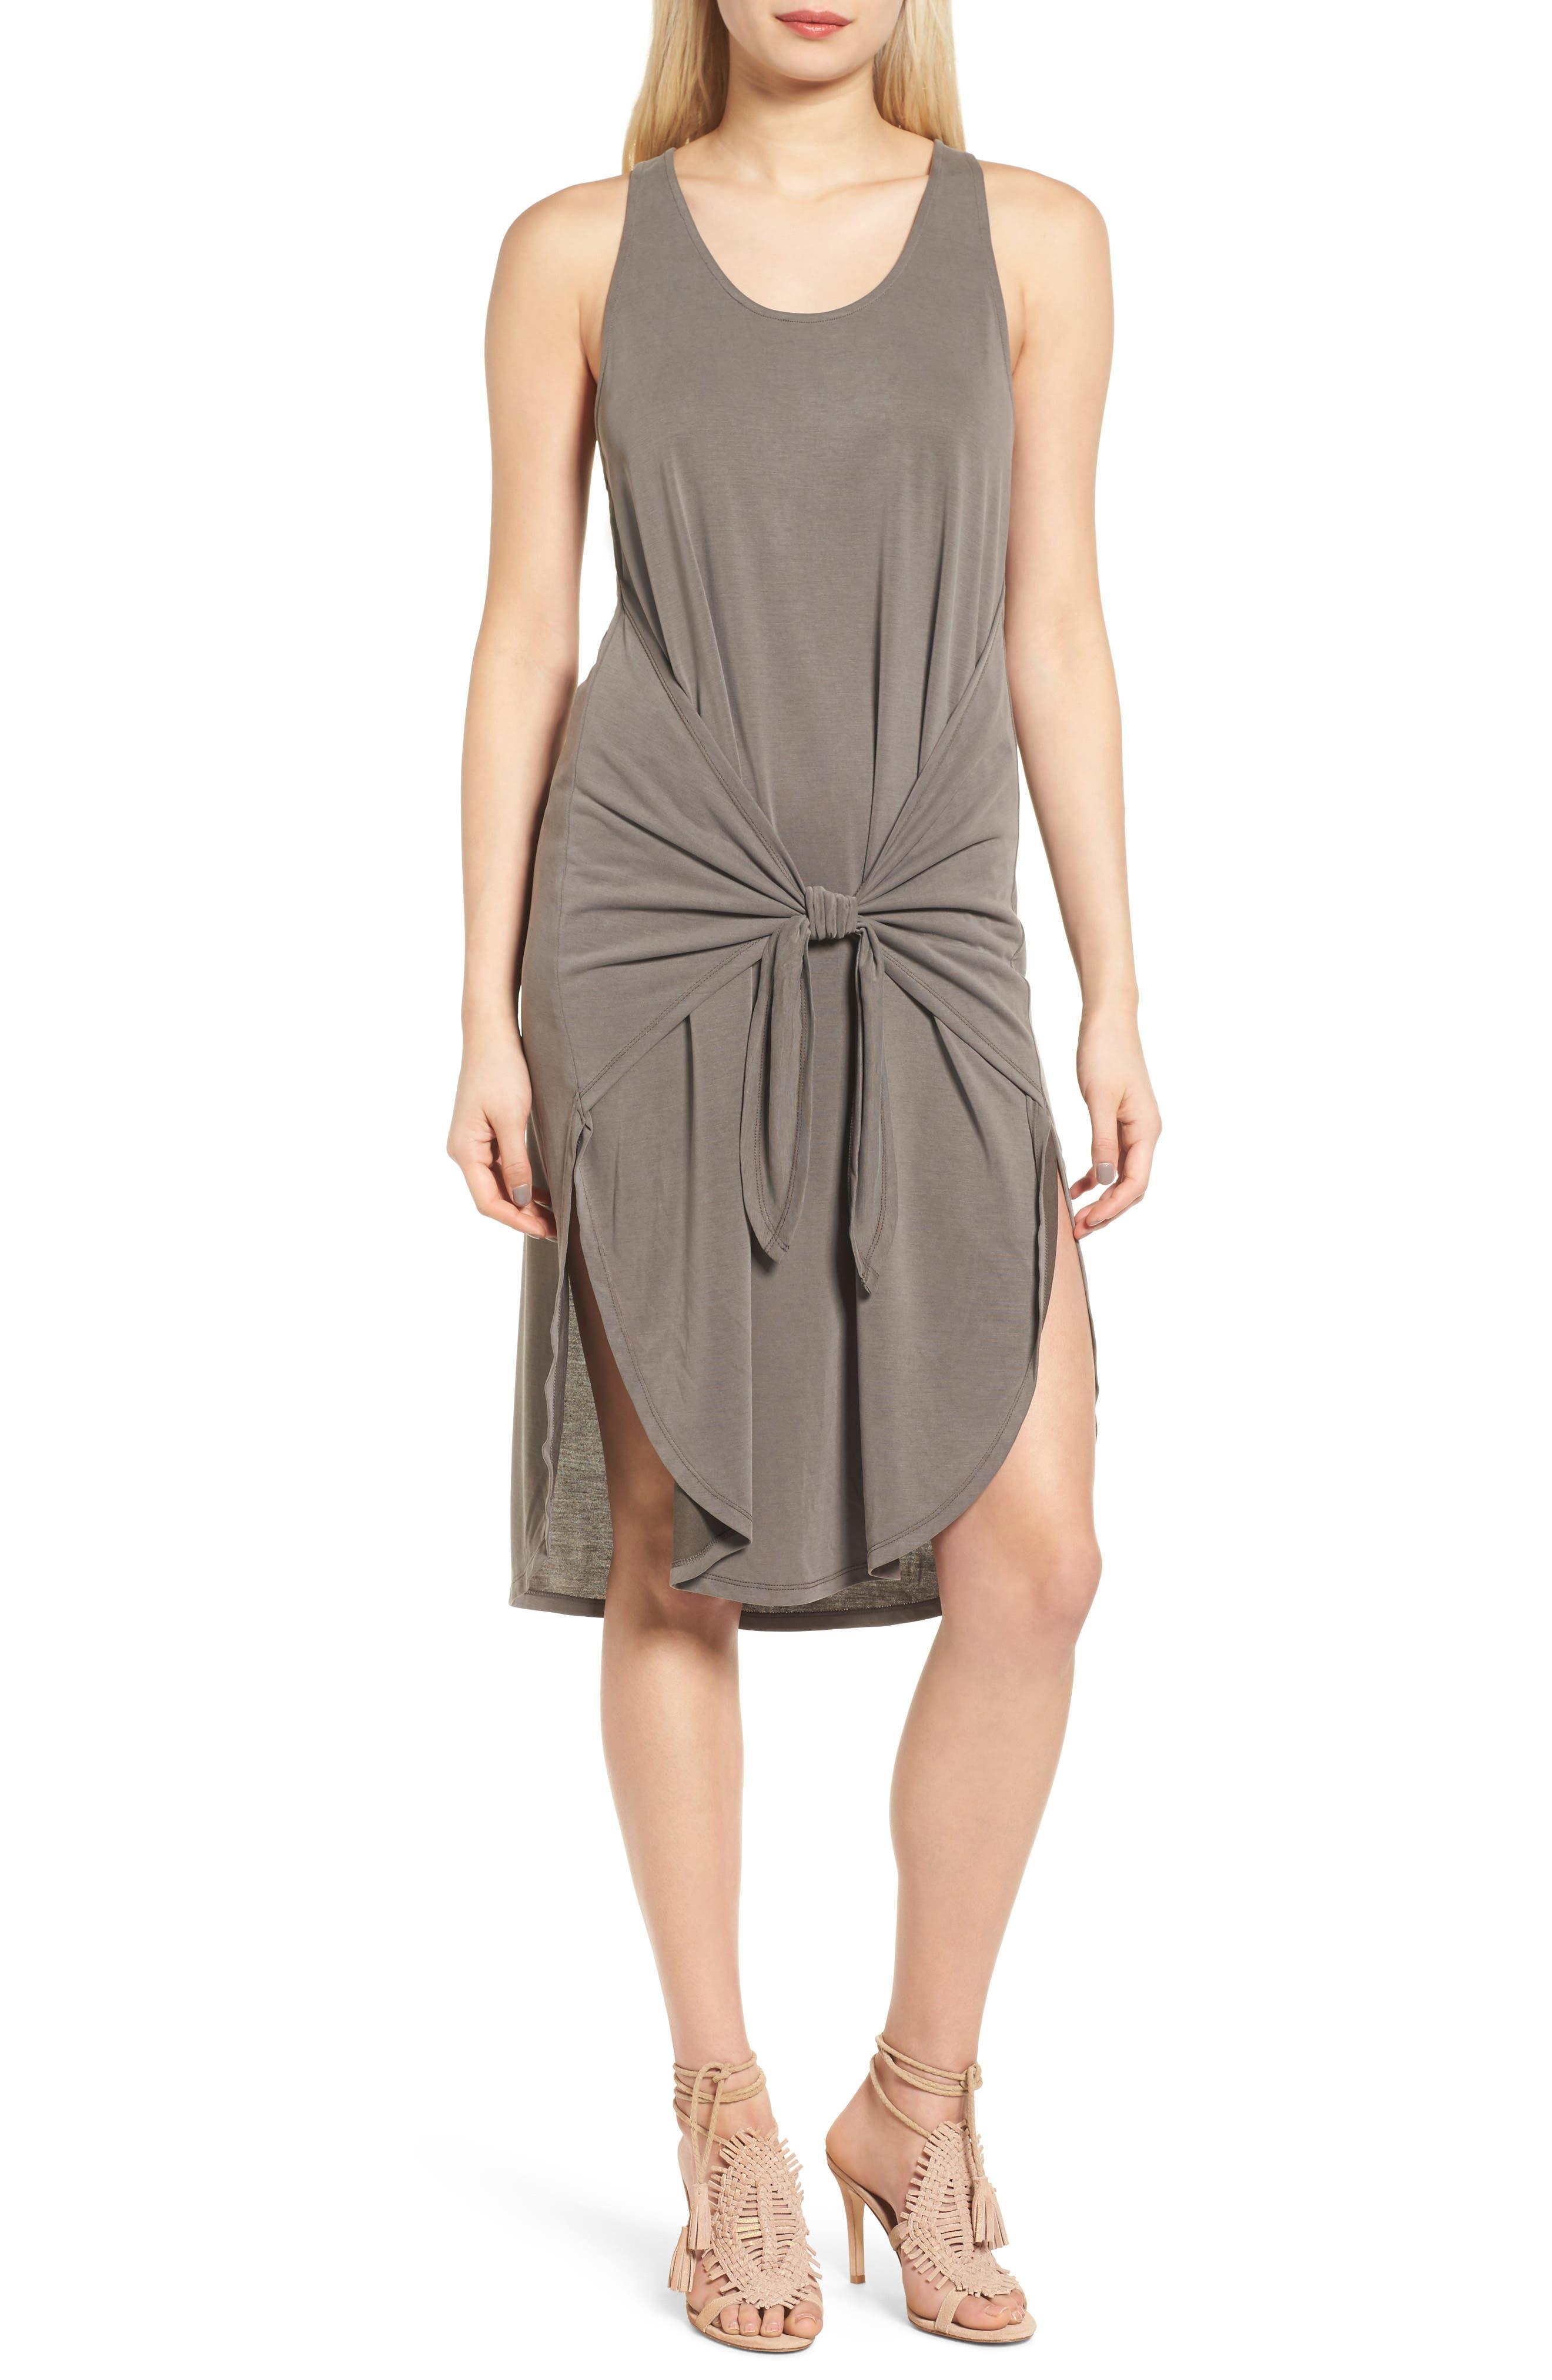 Trouvé Tie Front Knit Dress